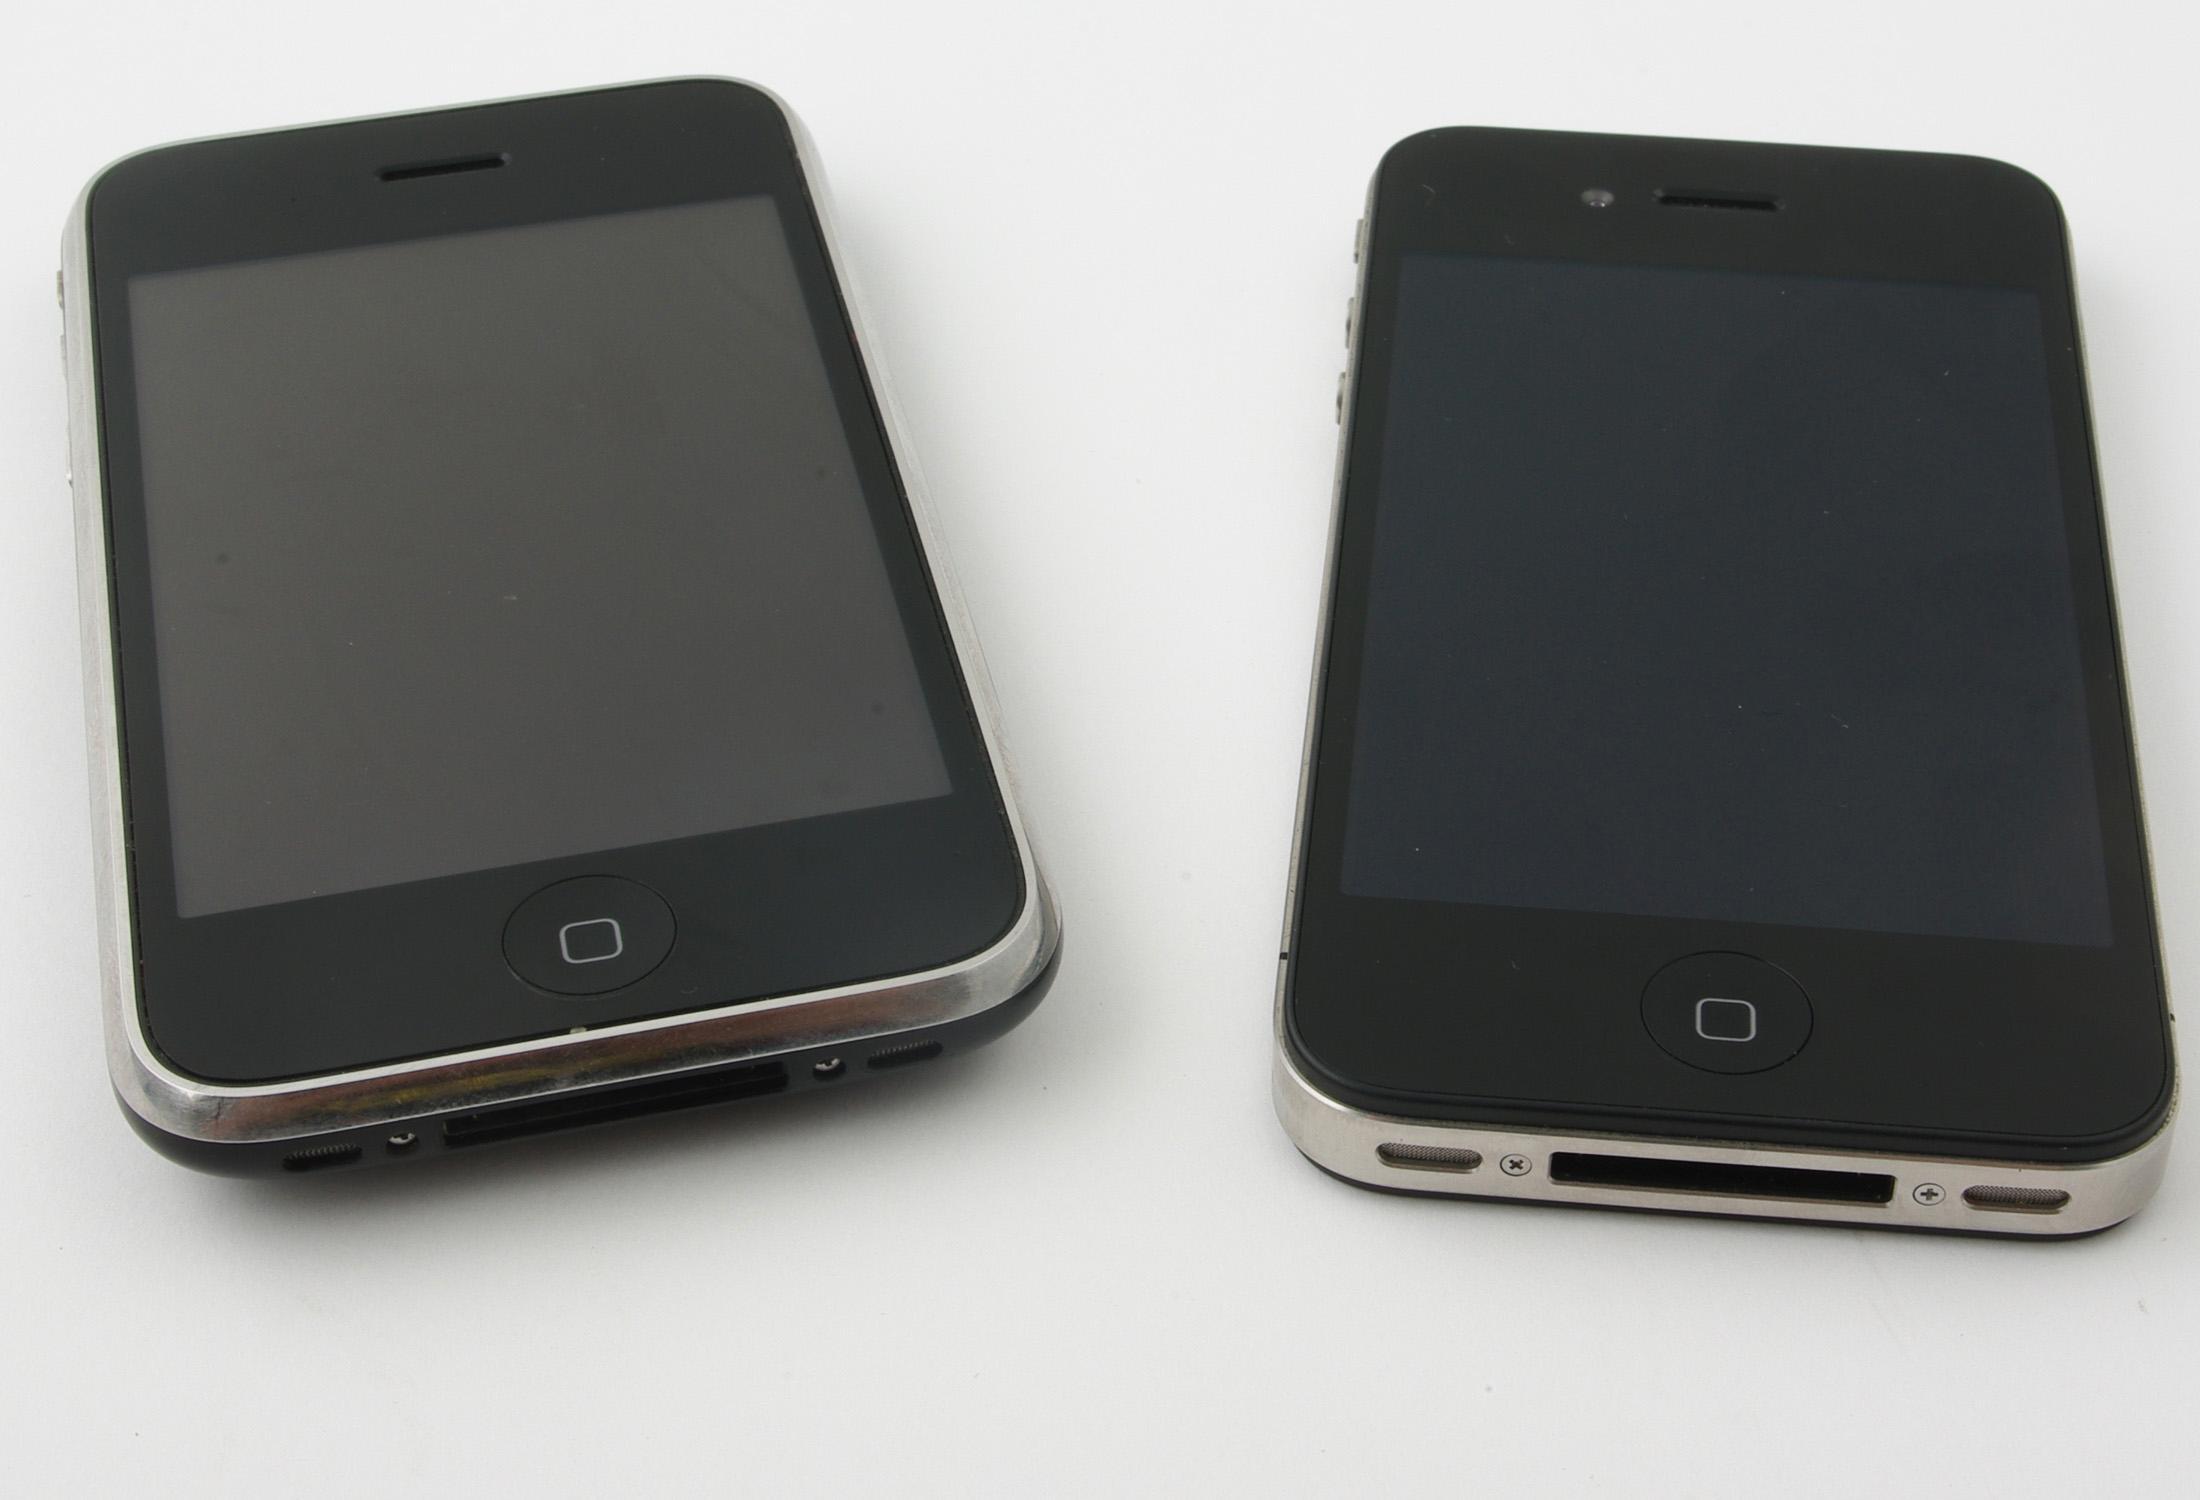 Forløperen, Iphone 3GS til venstre.